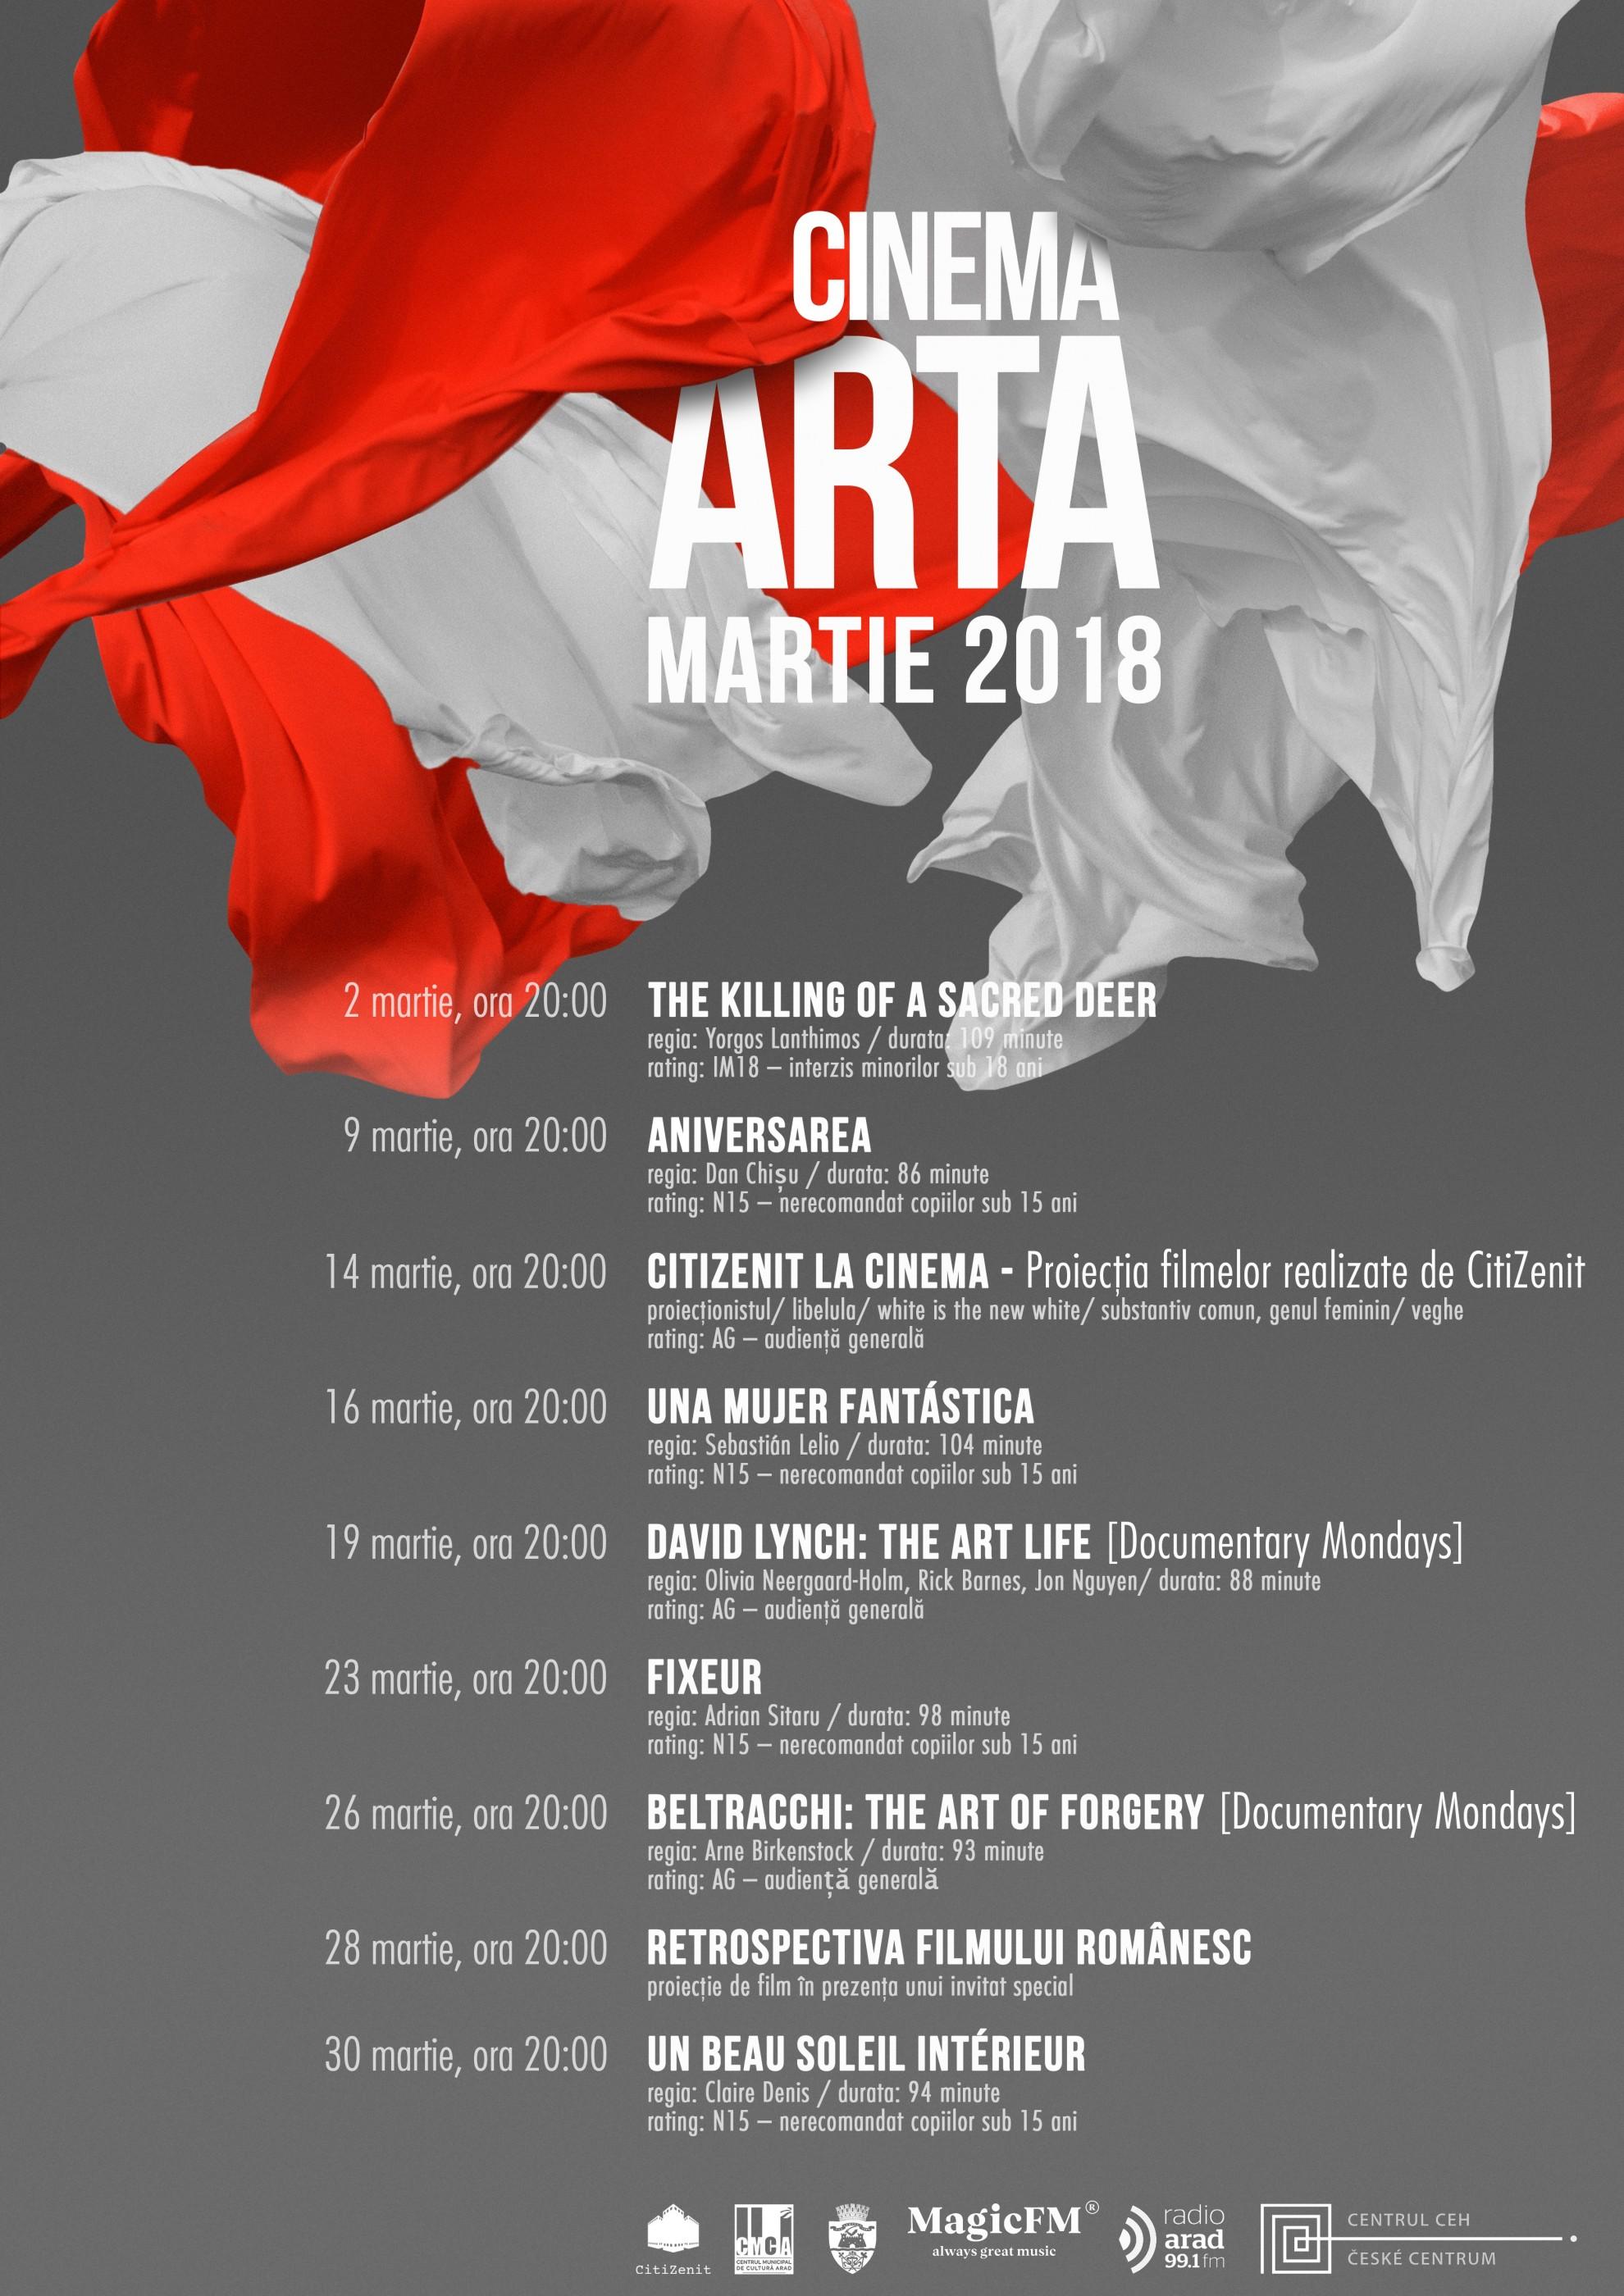 Luna martie la Cinema Arta:  program intens de filme europene, româneşti şi documentare